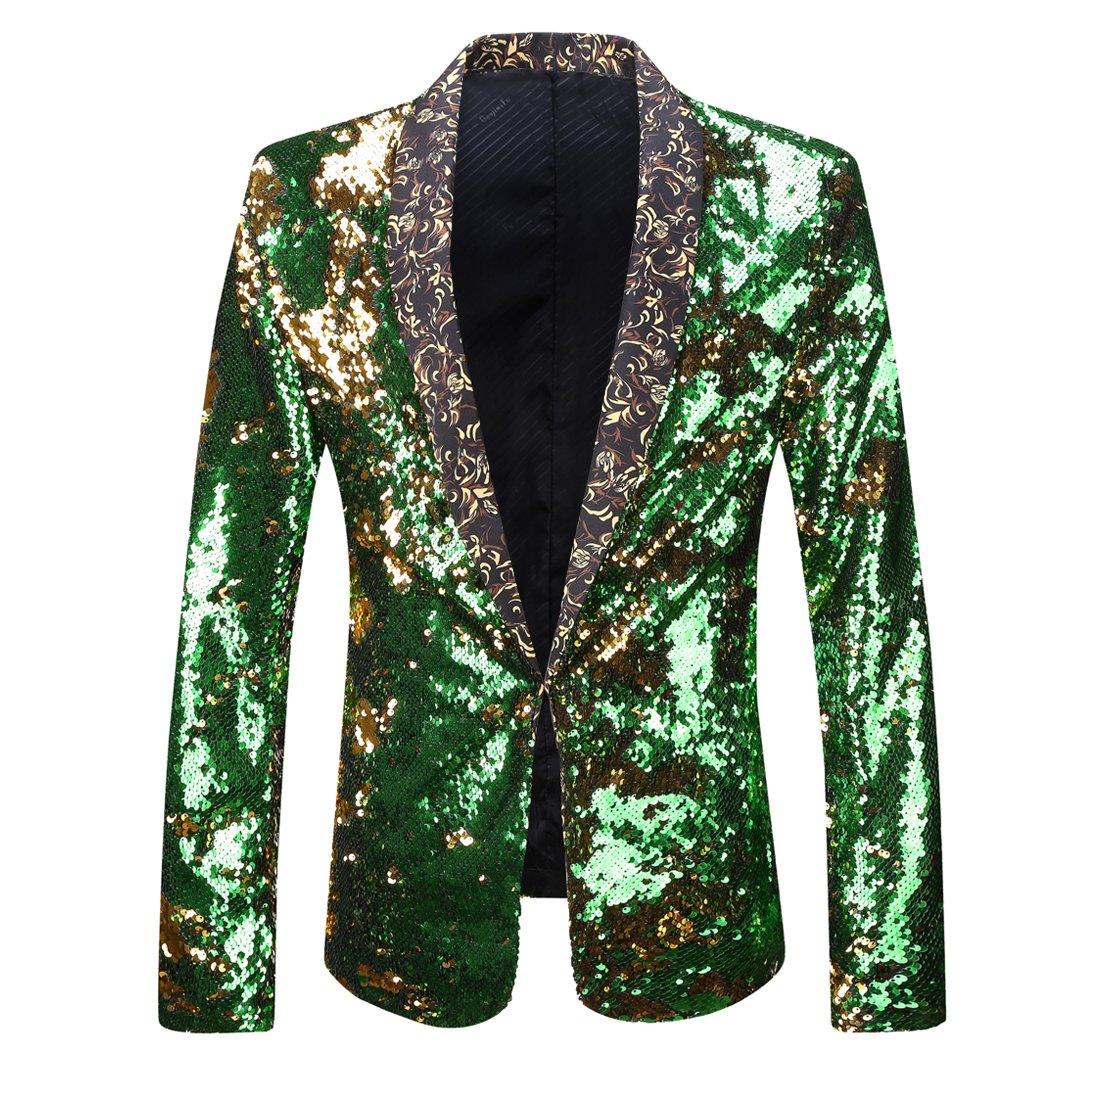 PYJTRL Men Stylish Two Color Conversion Shiny Sequins Blazer Suit Jacket